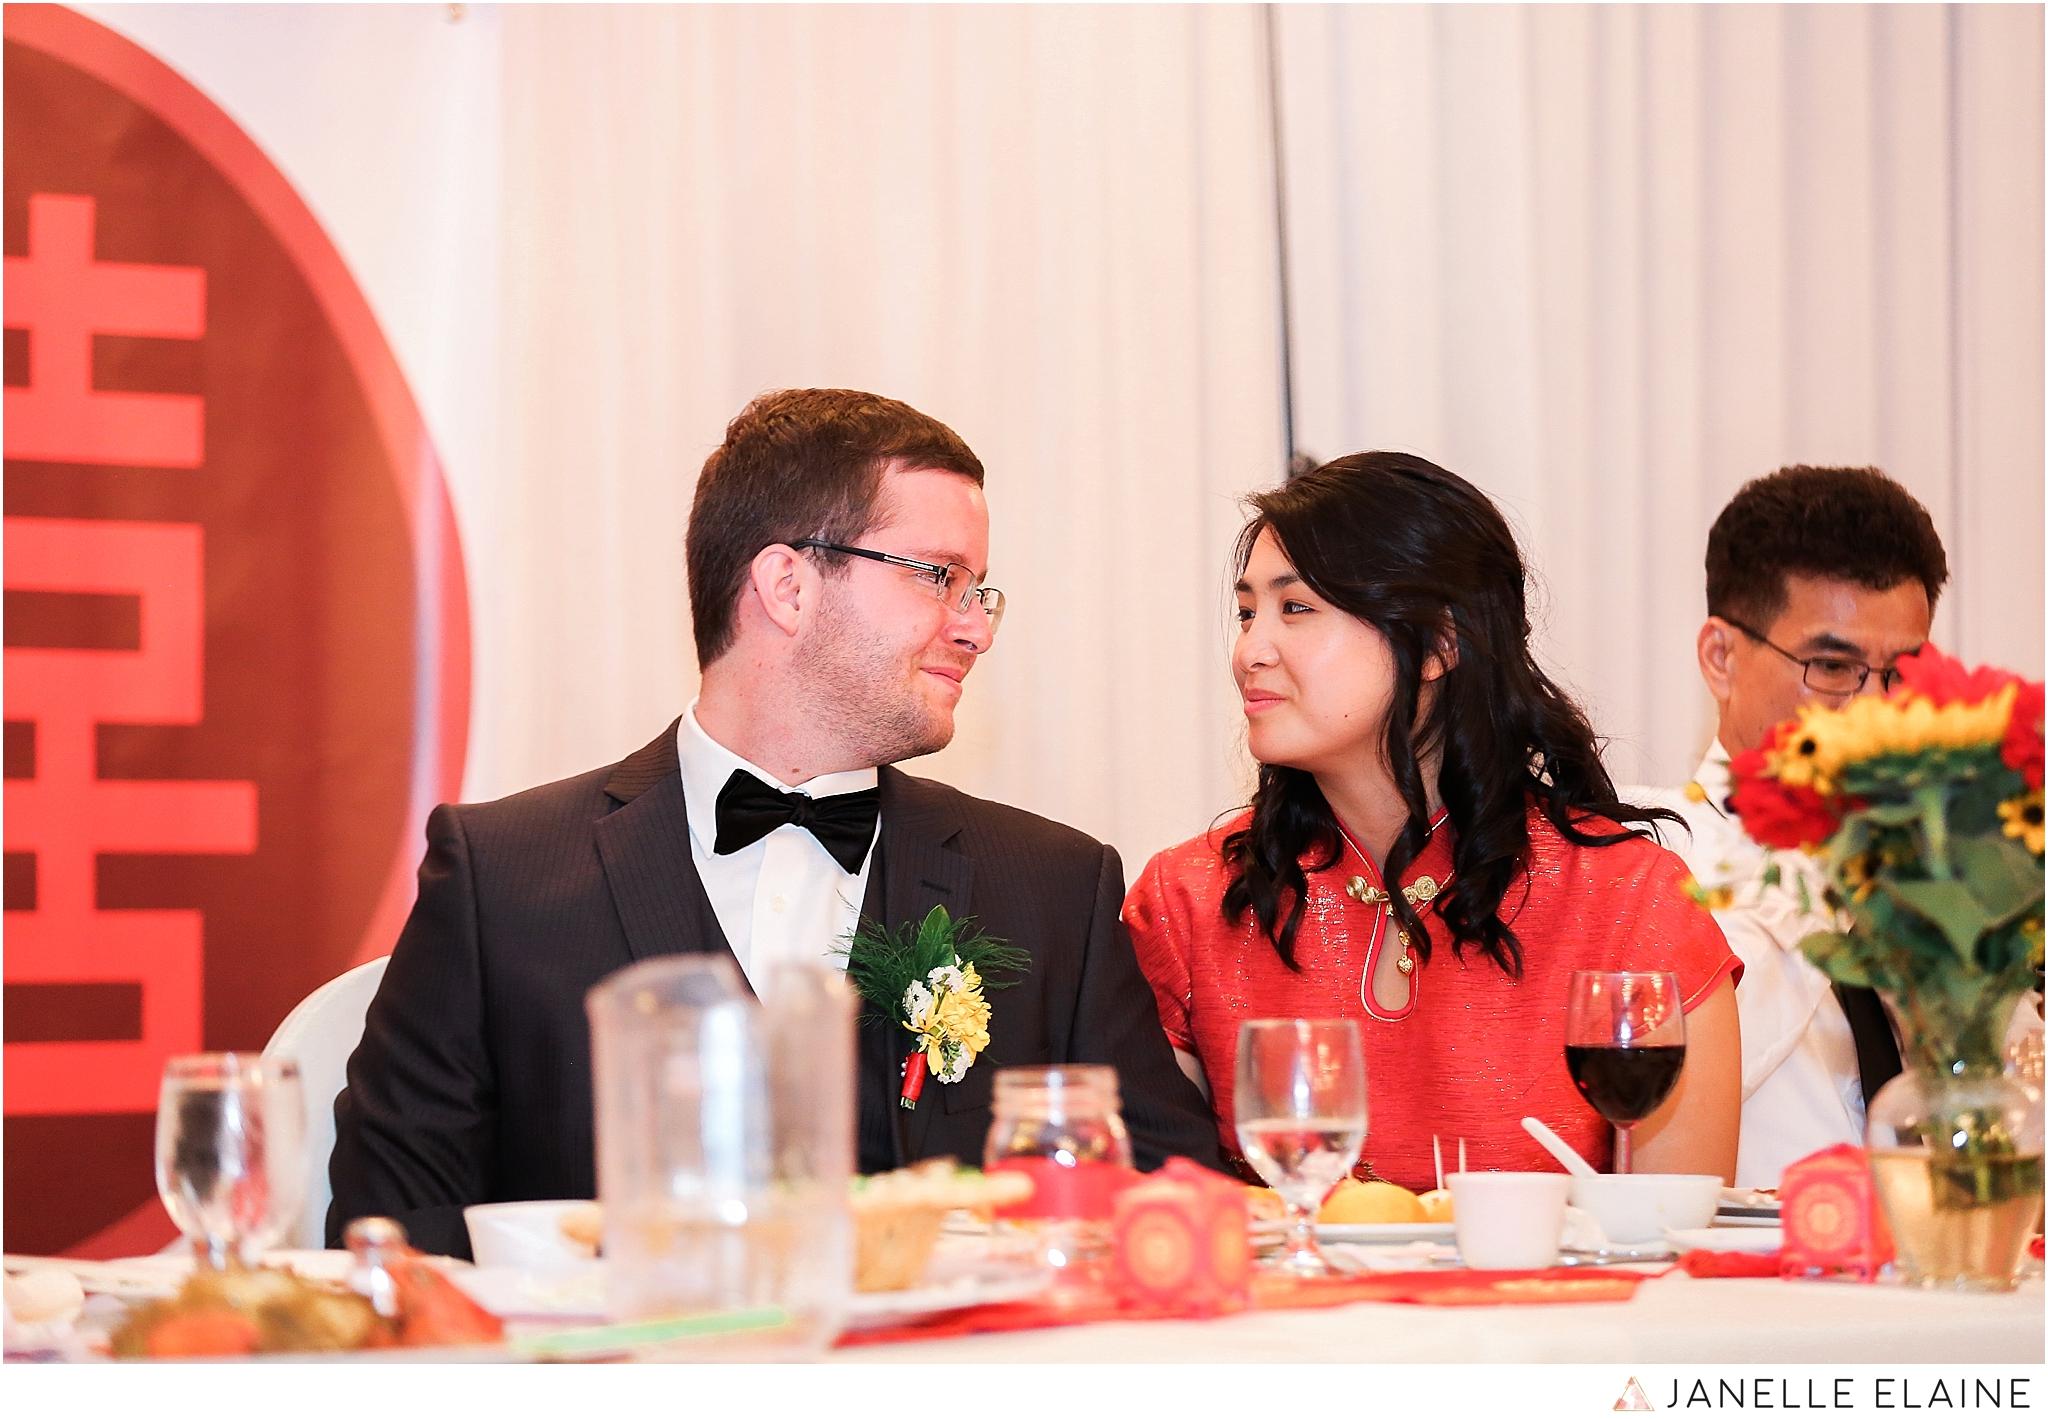 janelle elaine photography-professional wedding photographer seattle--170.jpg